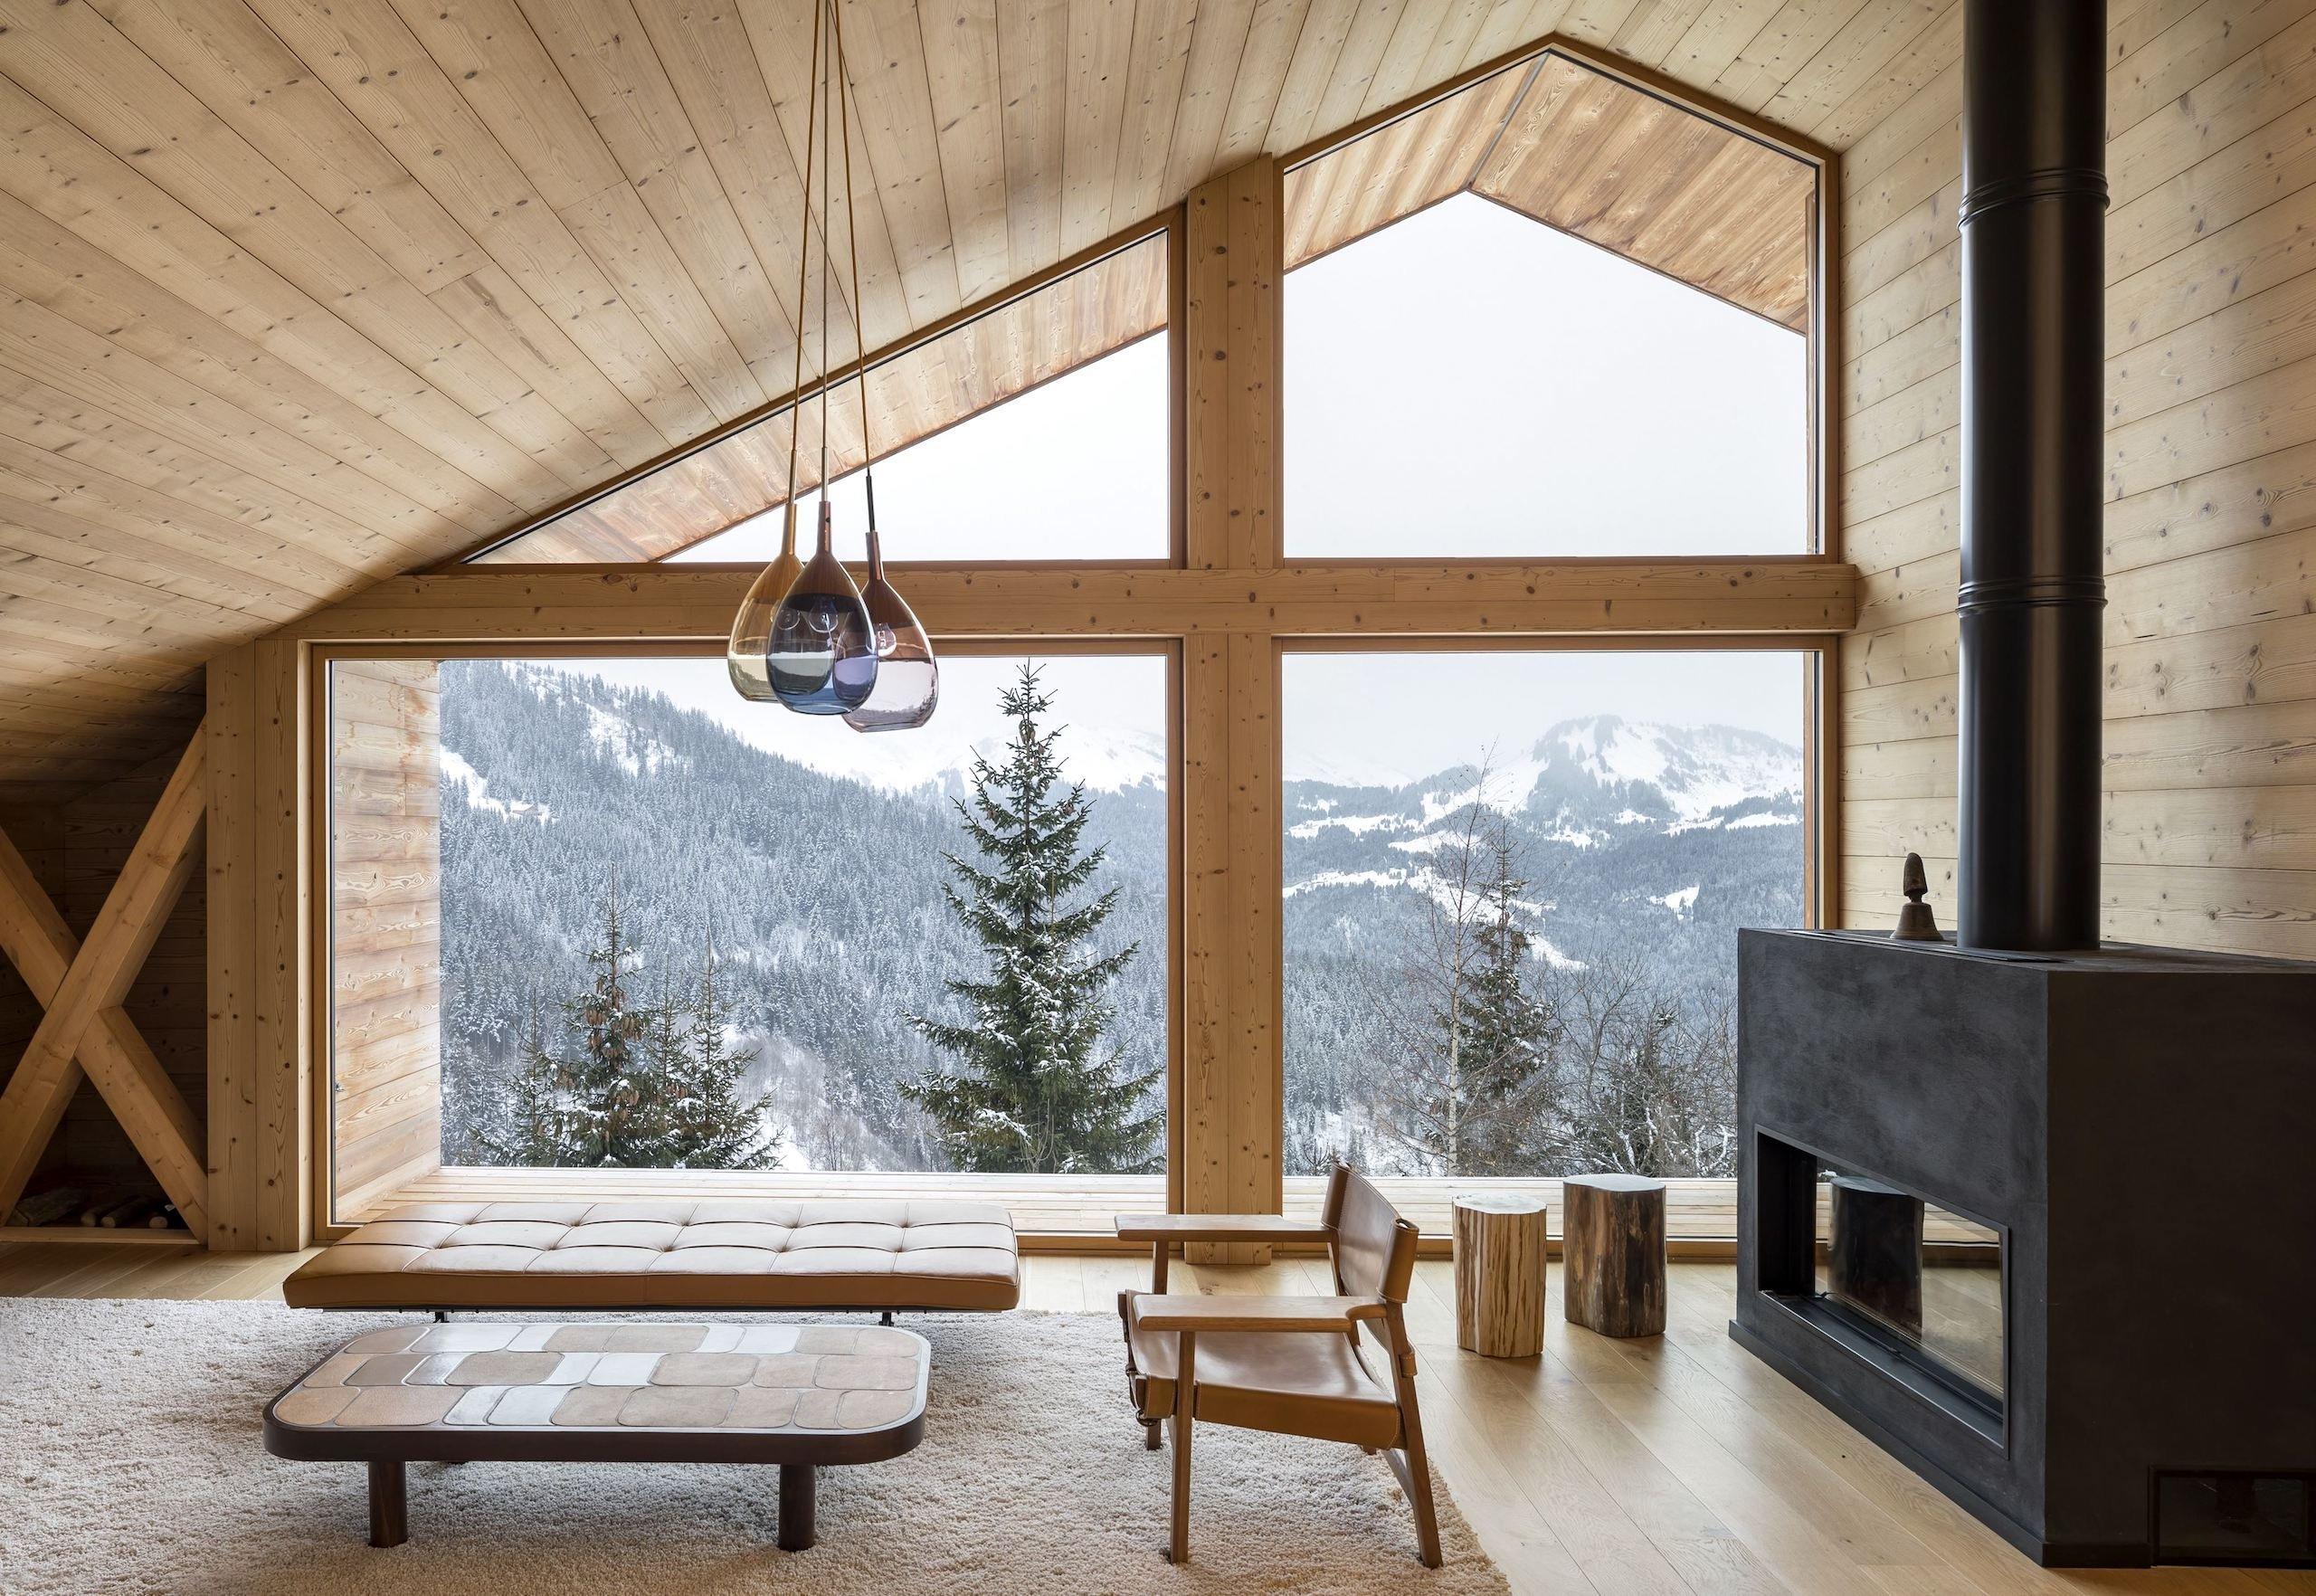 Výhled do nádherné krajiny na okolní lesy a kopce. Ten si mohou užívat majitelé domu, do kterého se dnes podíváme. Dům je postaven v lyžaři oblíbené destinaci Manigod na východě Francie. Zvenčí i zevnitř je obložen dřevem a dýchá poklidnou atmosférou.